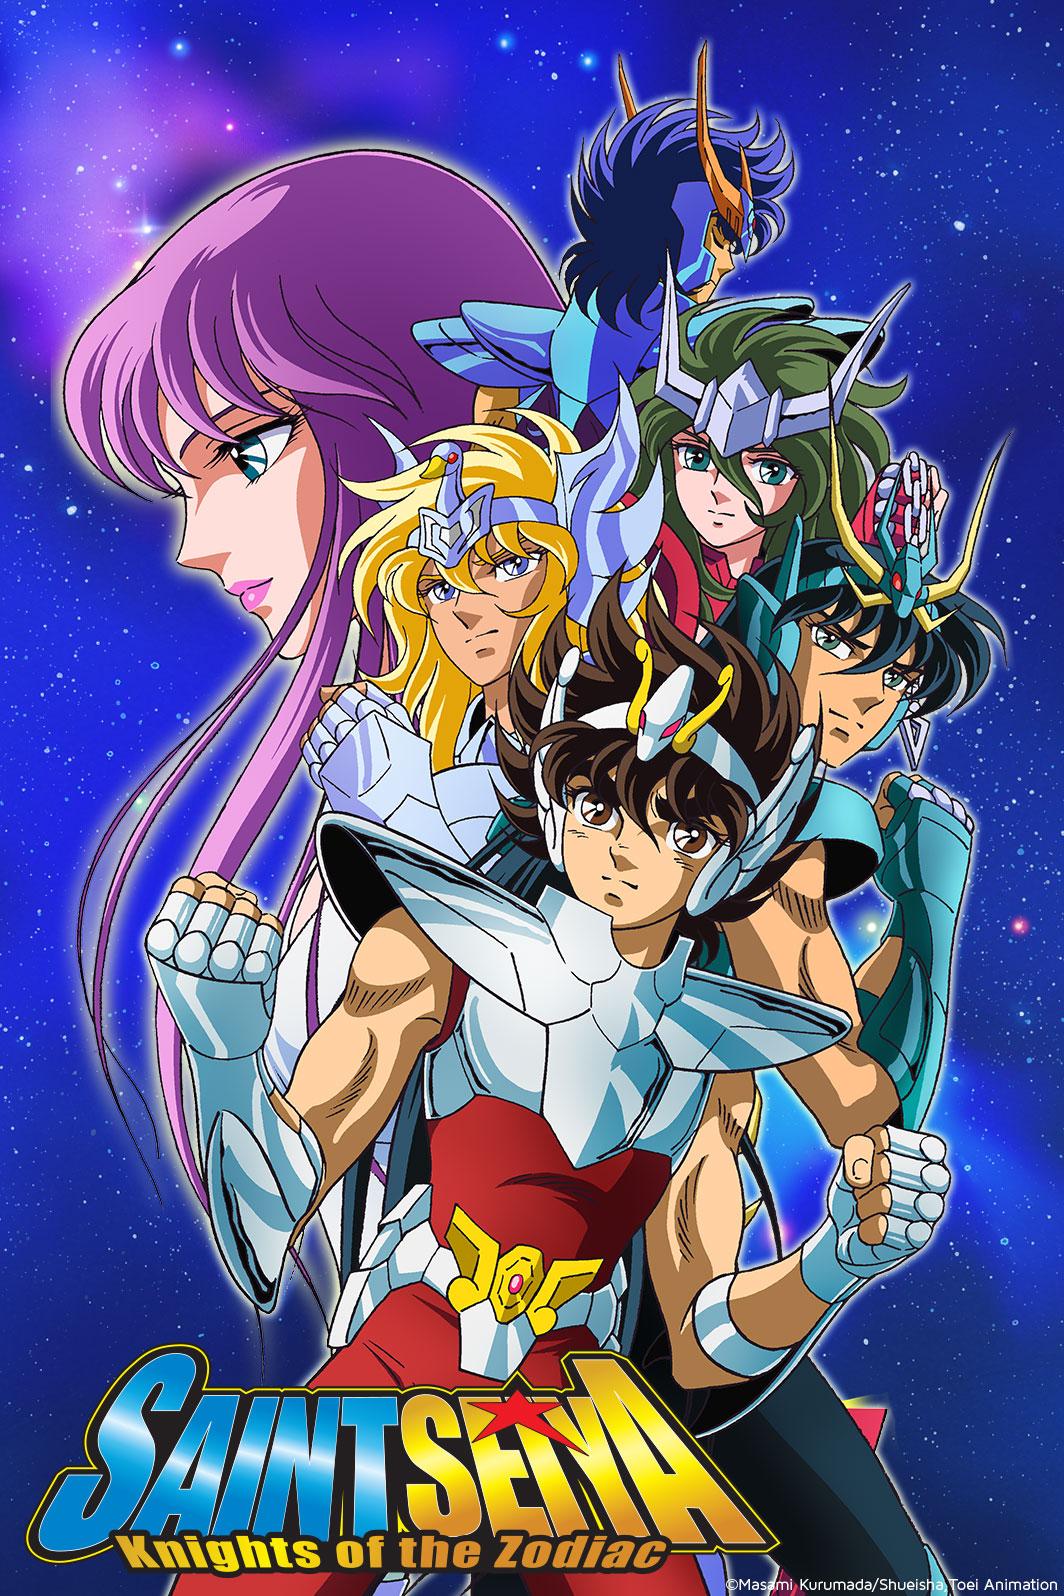 Saint seiya 聖闘士星矢 seinto seiya conocido como los caballeros del zodiaco en países de habla hispana es una serie manga y anime shōnen de gén